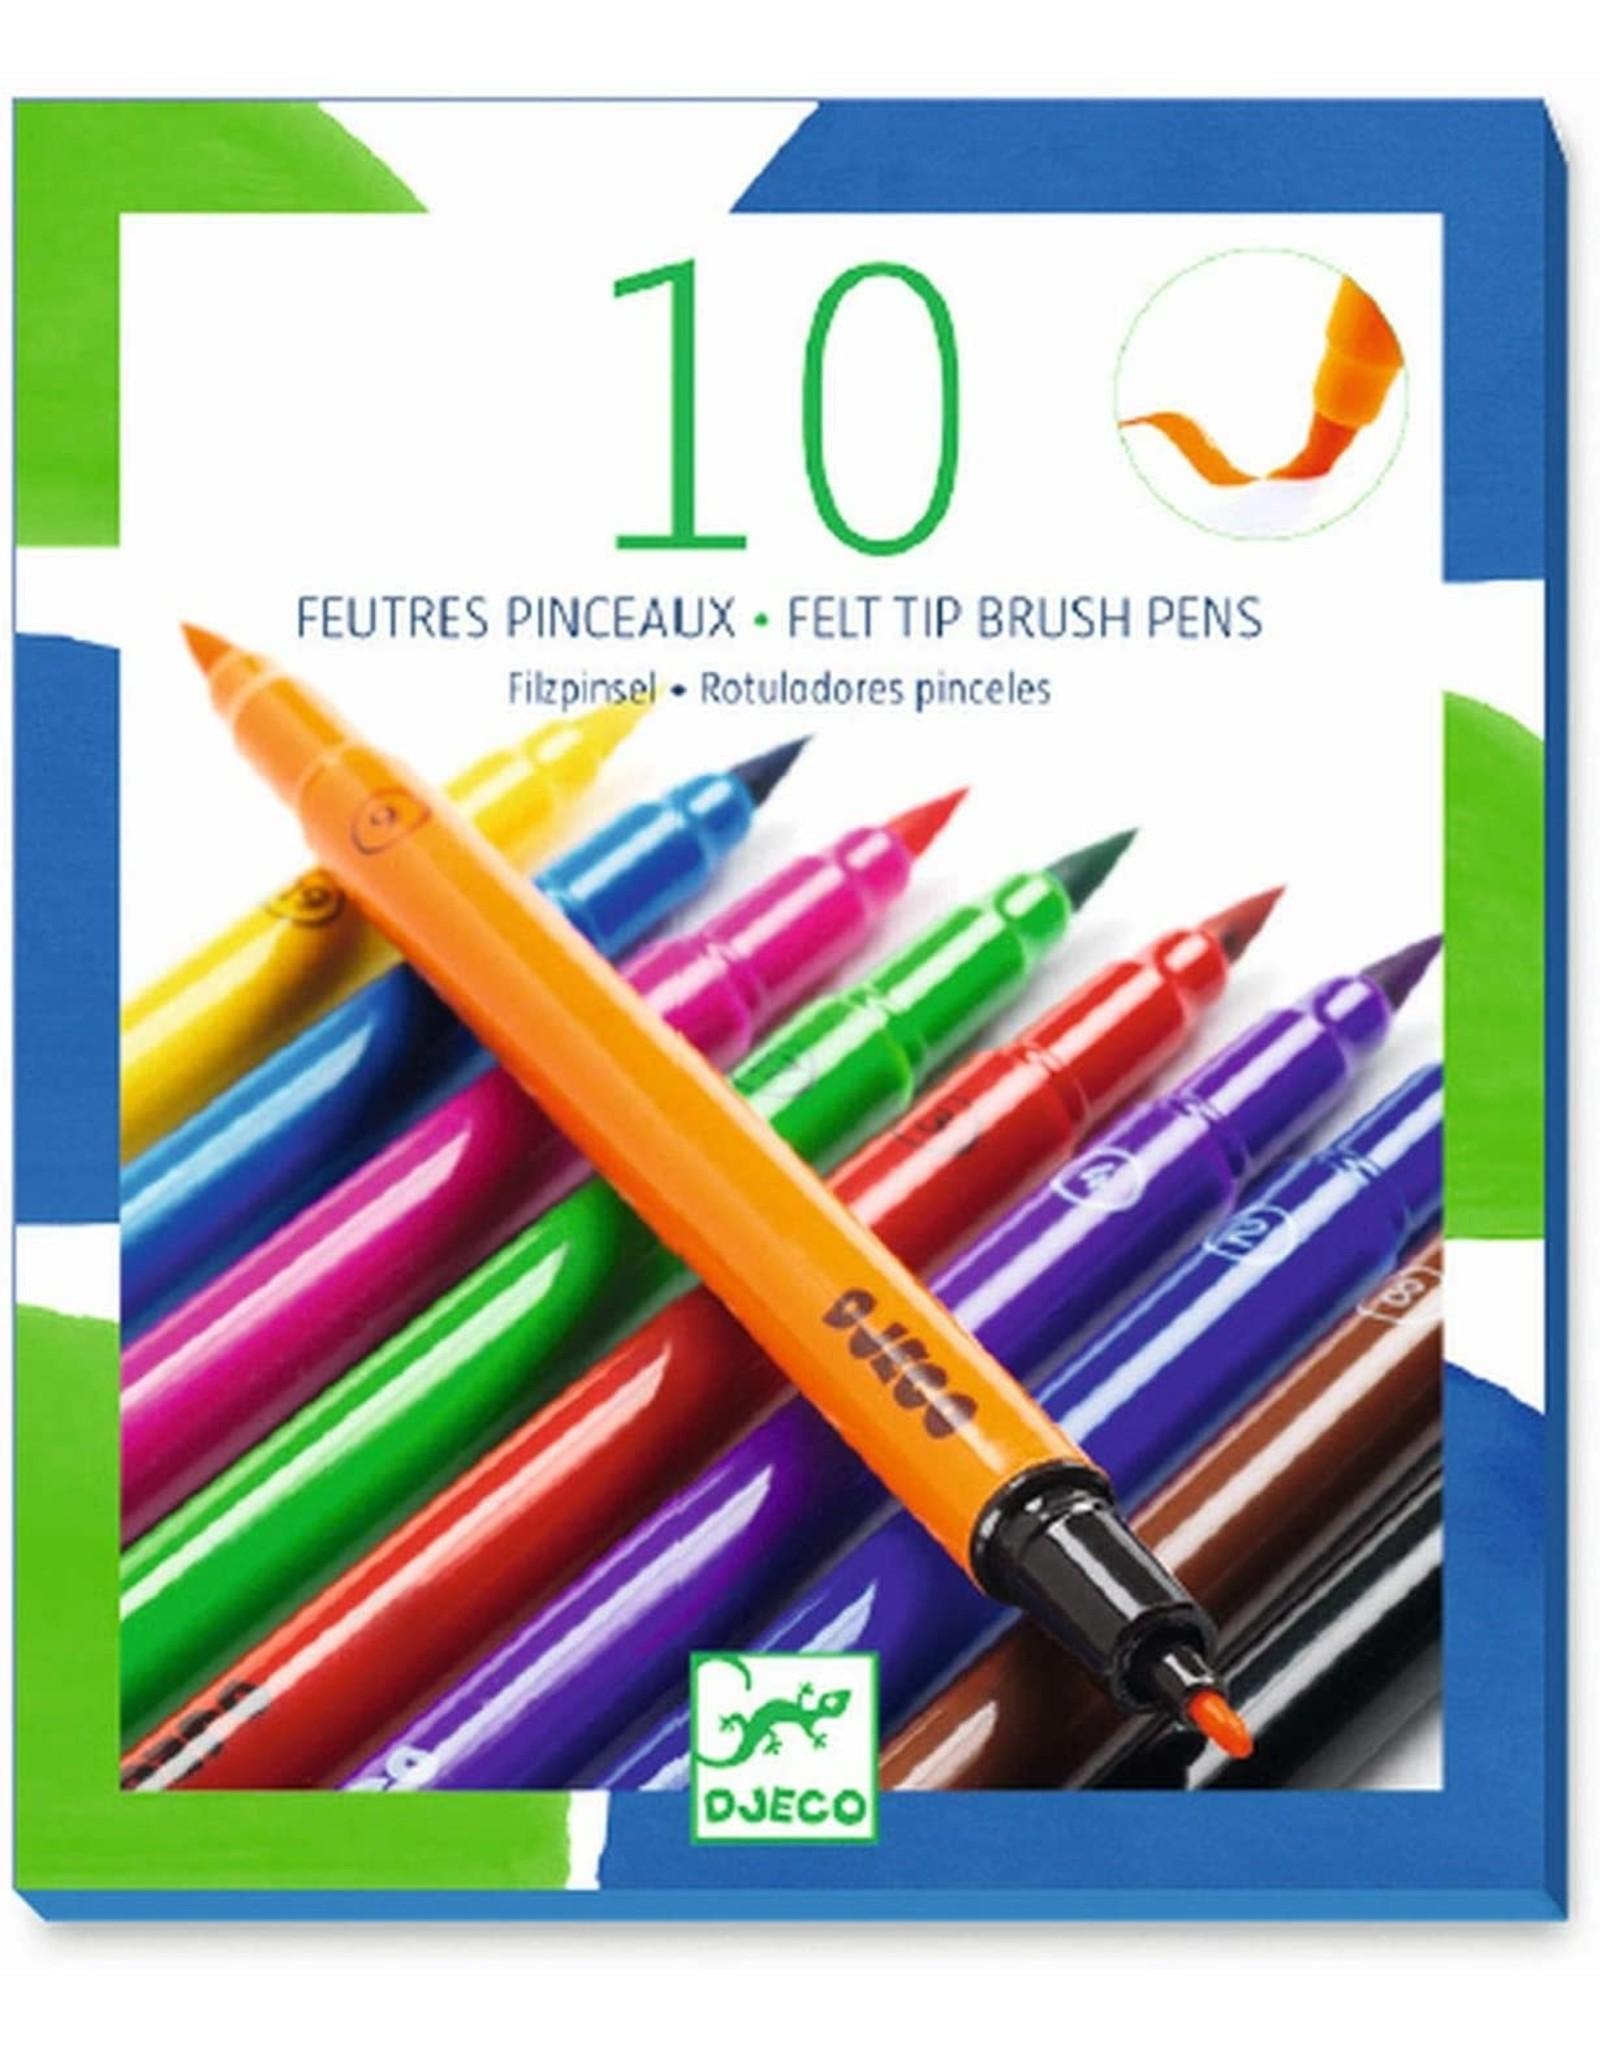 Djeco 10 Felt Brushes, Classic